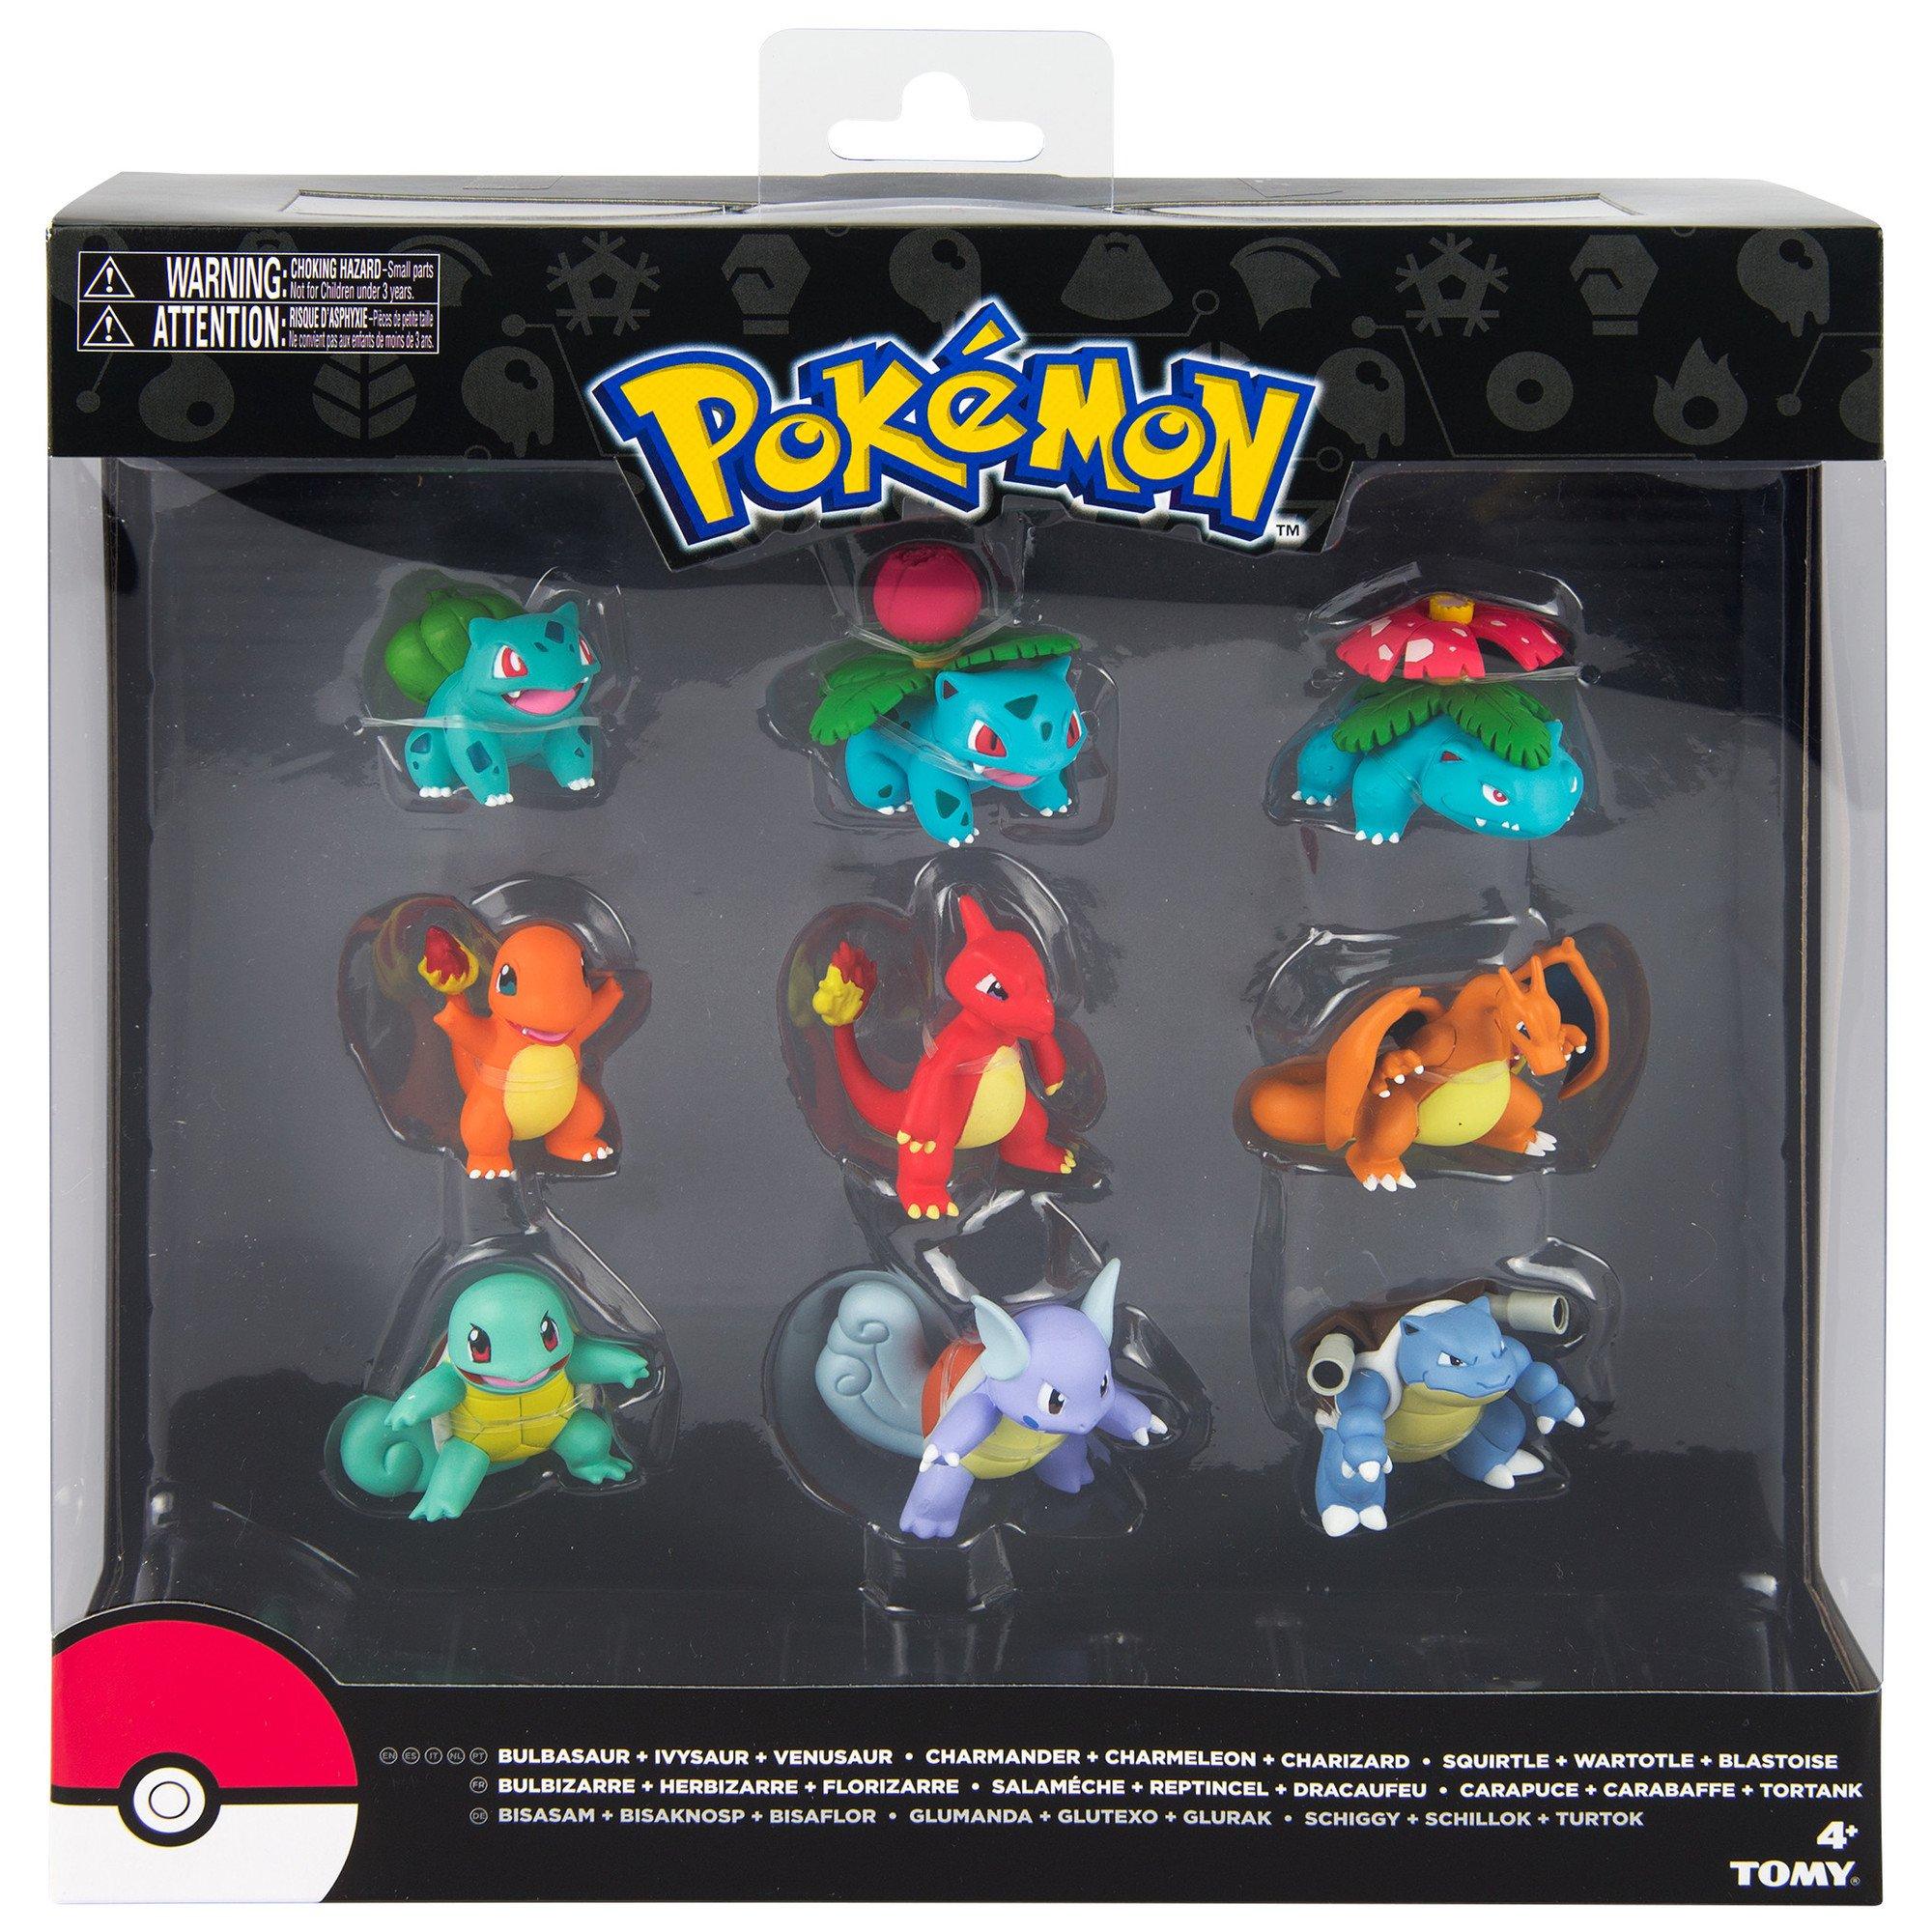 TOMY Pokémon Multi evolución Figura Pack: Amazon.es: Juguetes y juegos